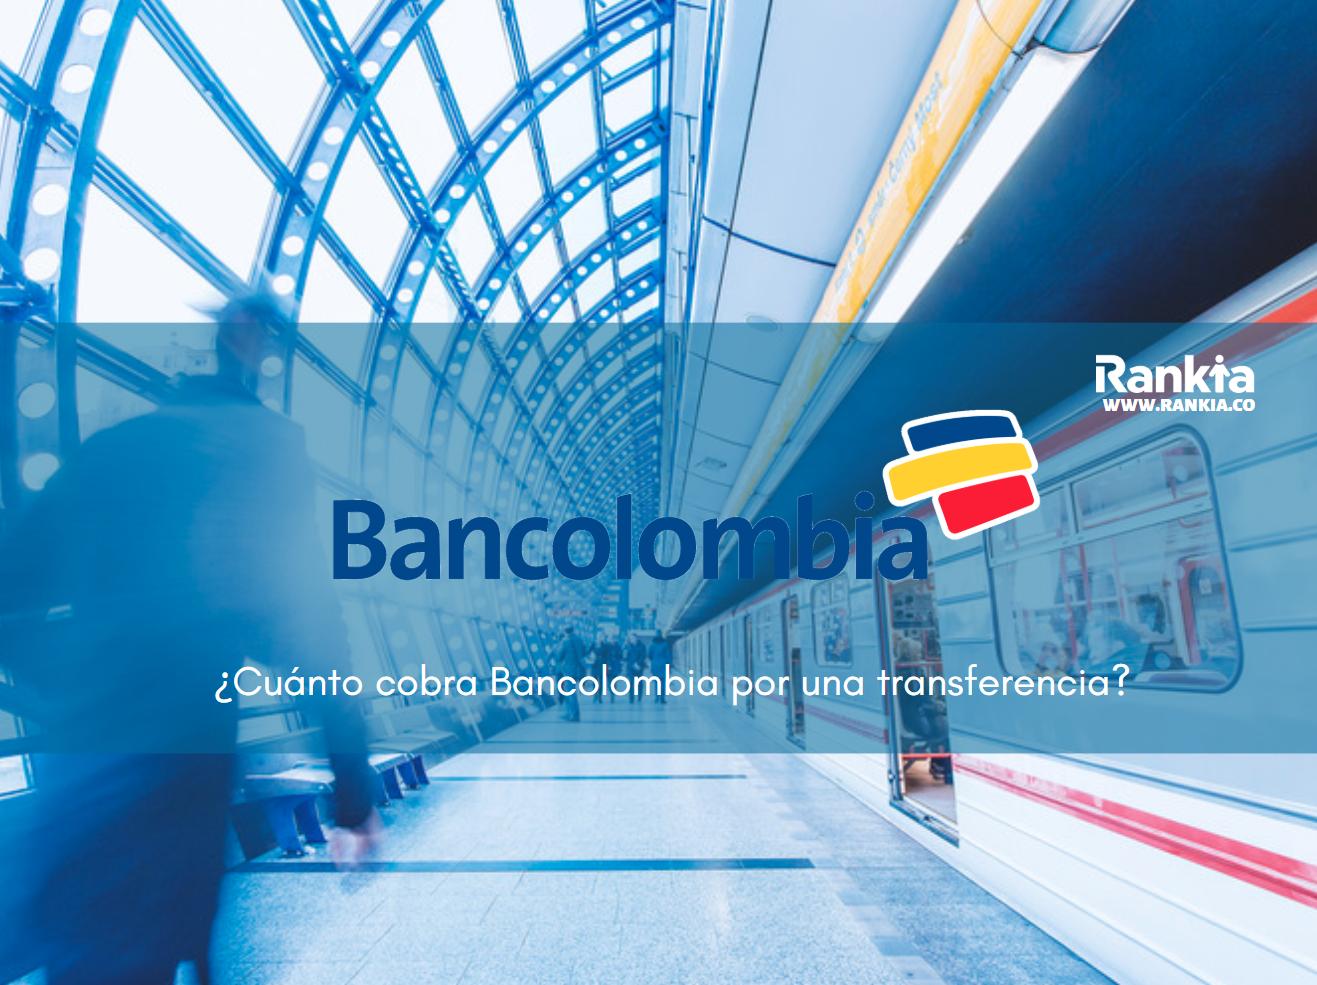 ¿Cuánto cobra Bancolombia por una transferencia?